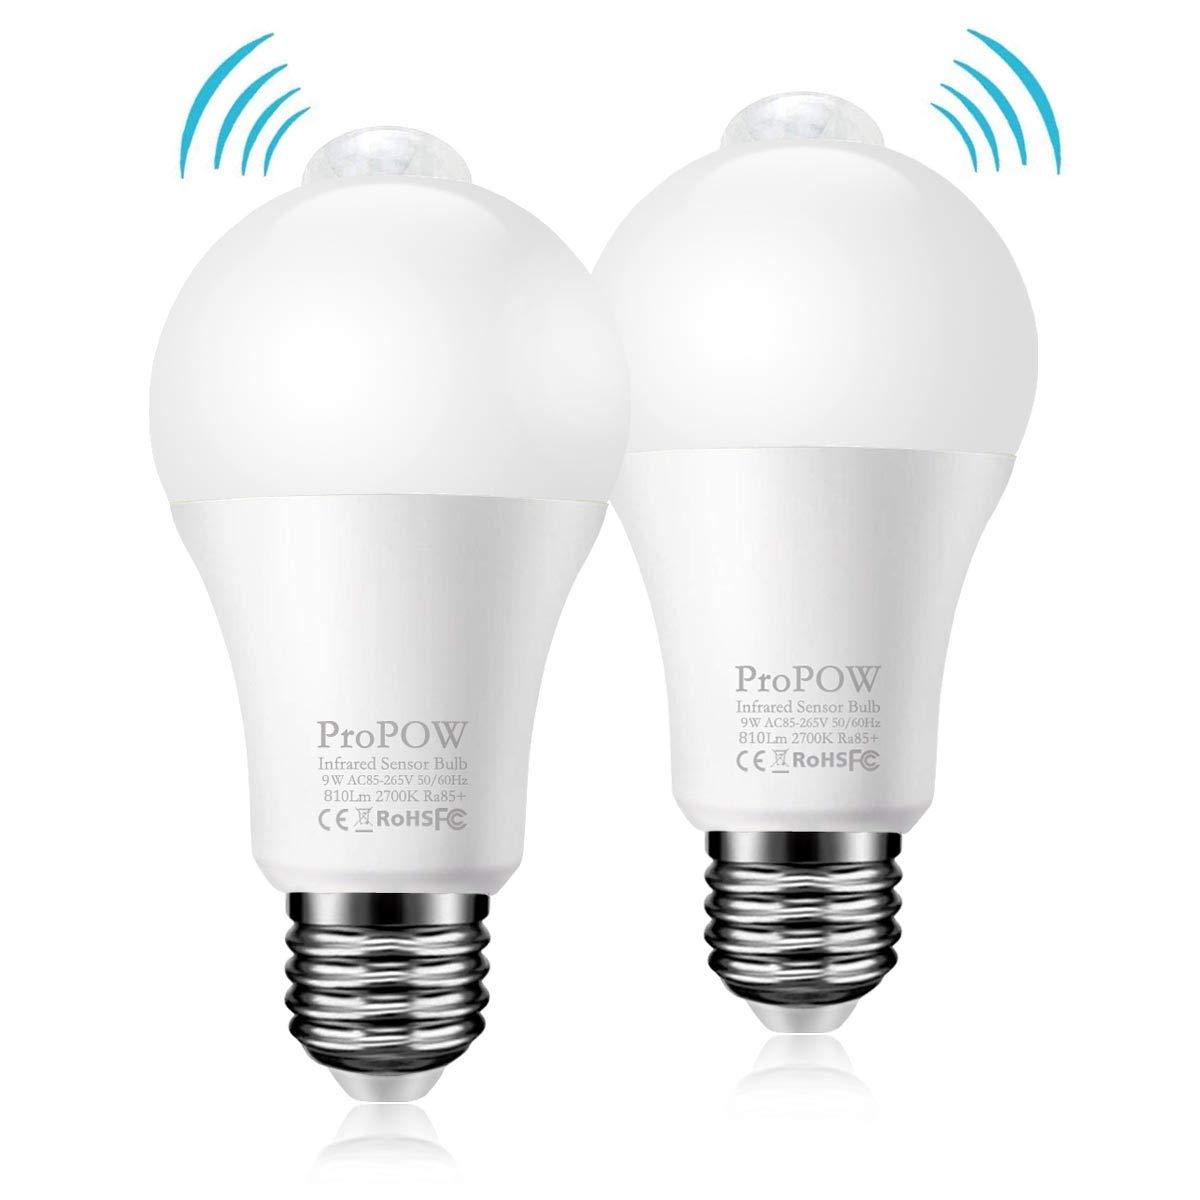 2 Pack Bendable Medium Base Light Socket Converter for Motion Sensor Light Bulb Standard LED Bulbs Adjustable Vertical 180/° Horizontal 360/° Aukora E26 E27 Light Bulb Socket Extender